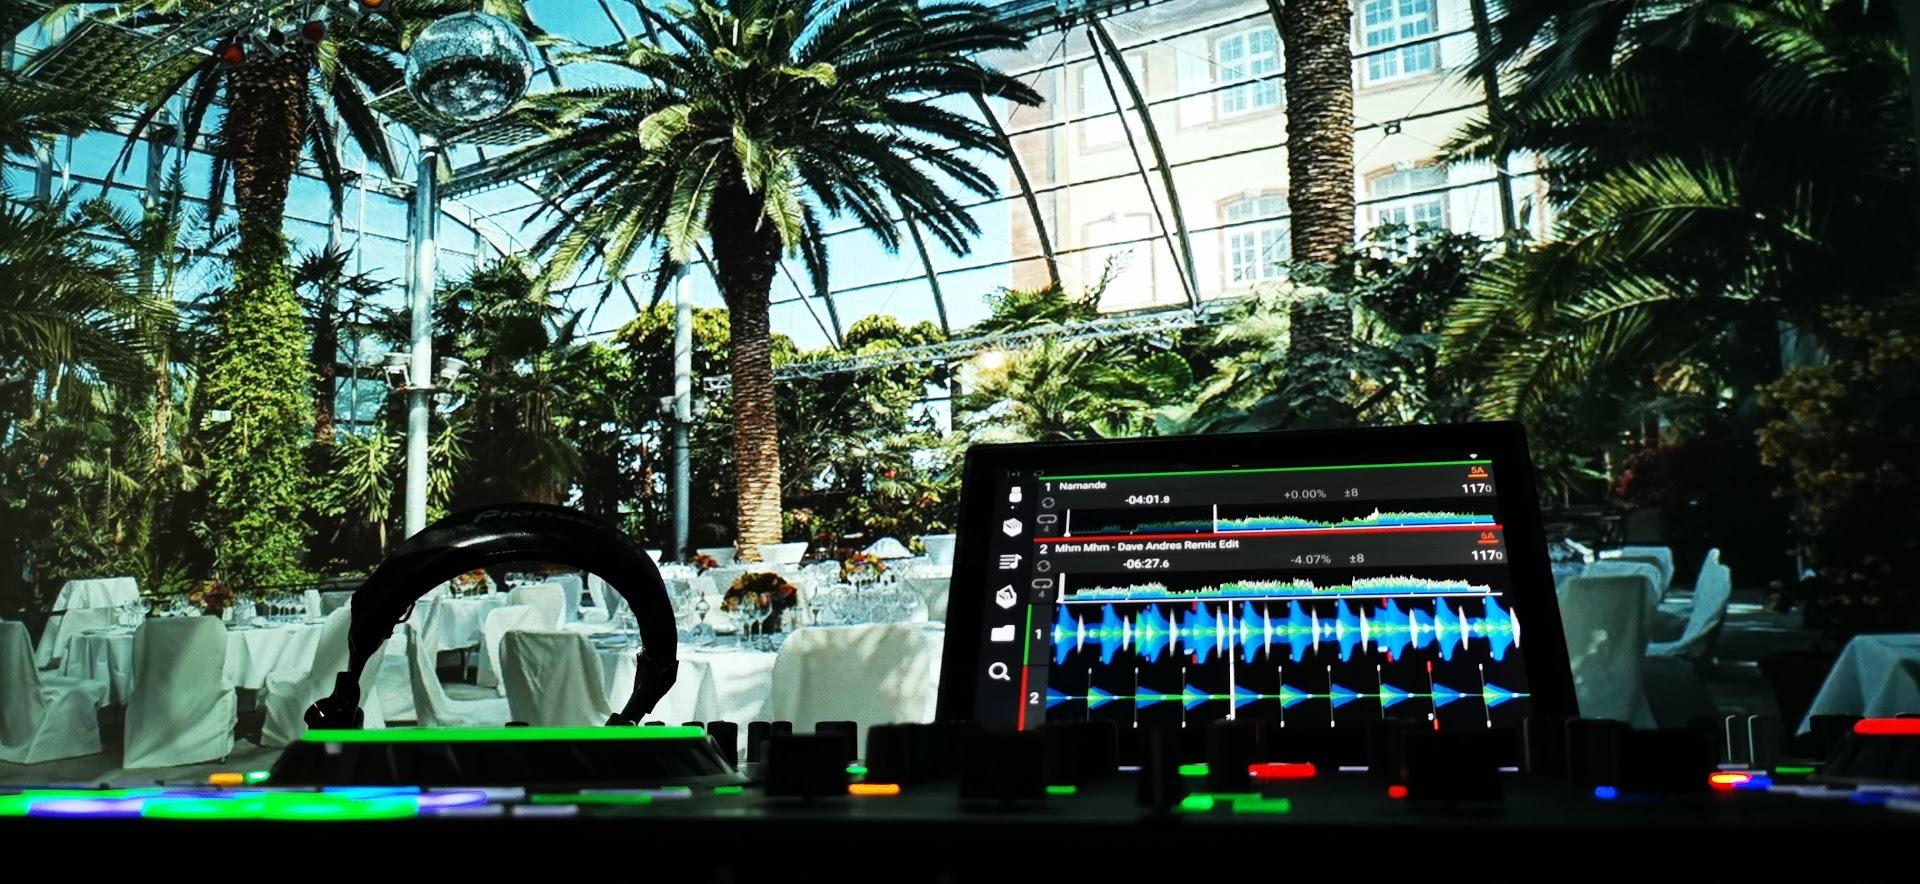 """DJ Setup minimal in die offene Lokation integriert - keine """"fette"""" Boxen in den Raum pltziert."""